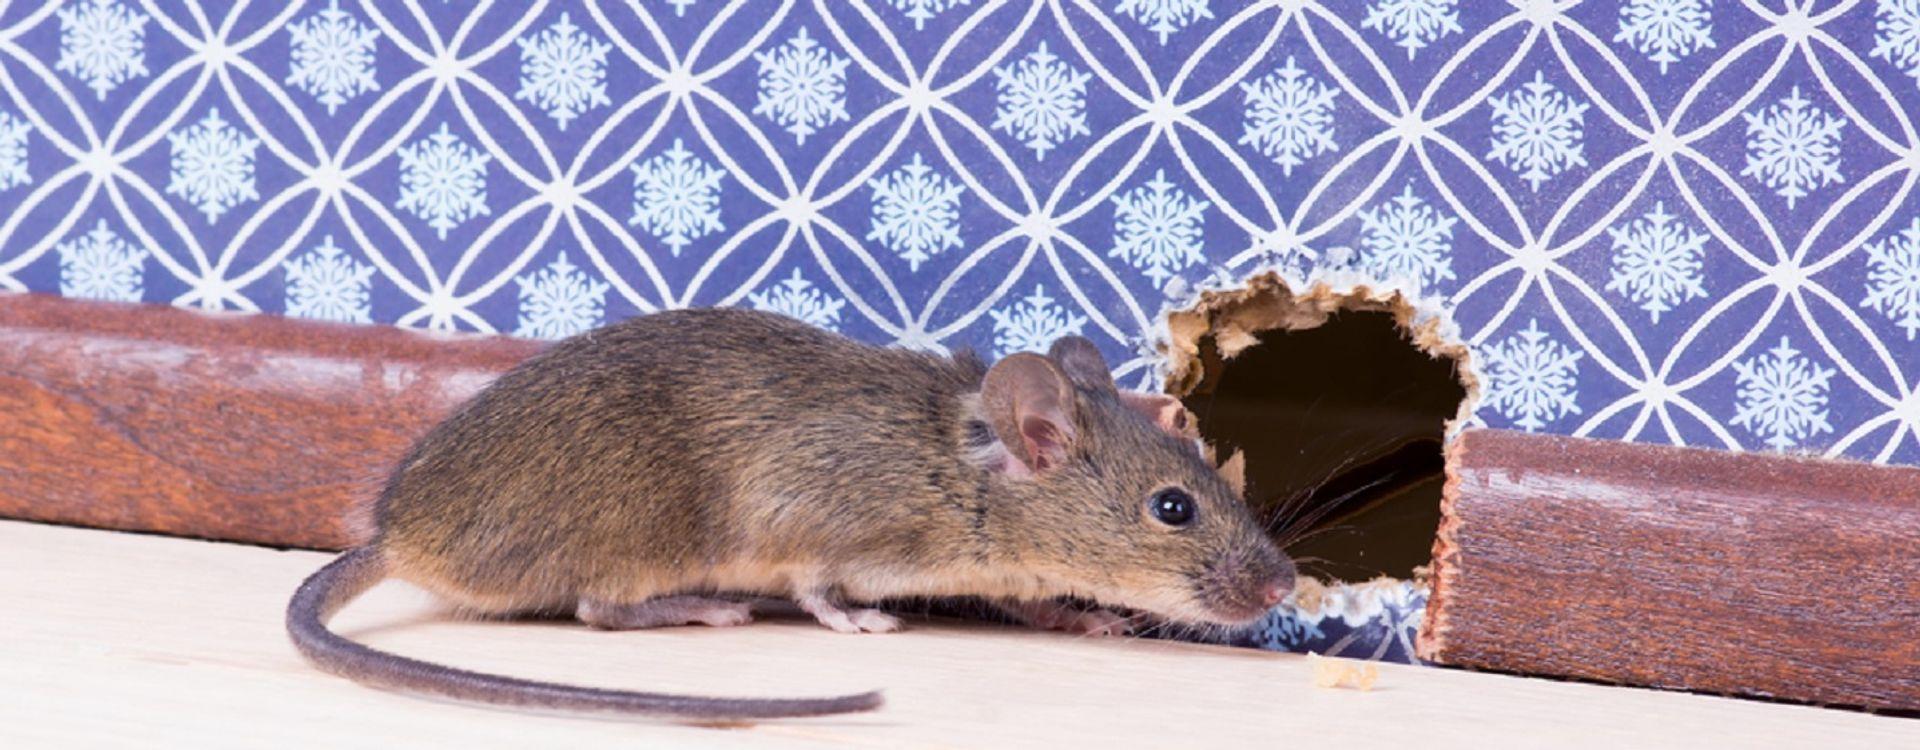 Last van muizen in uw bedrijf?